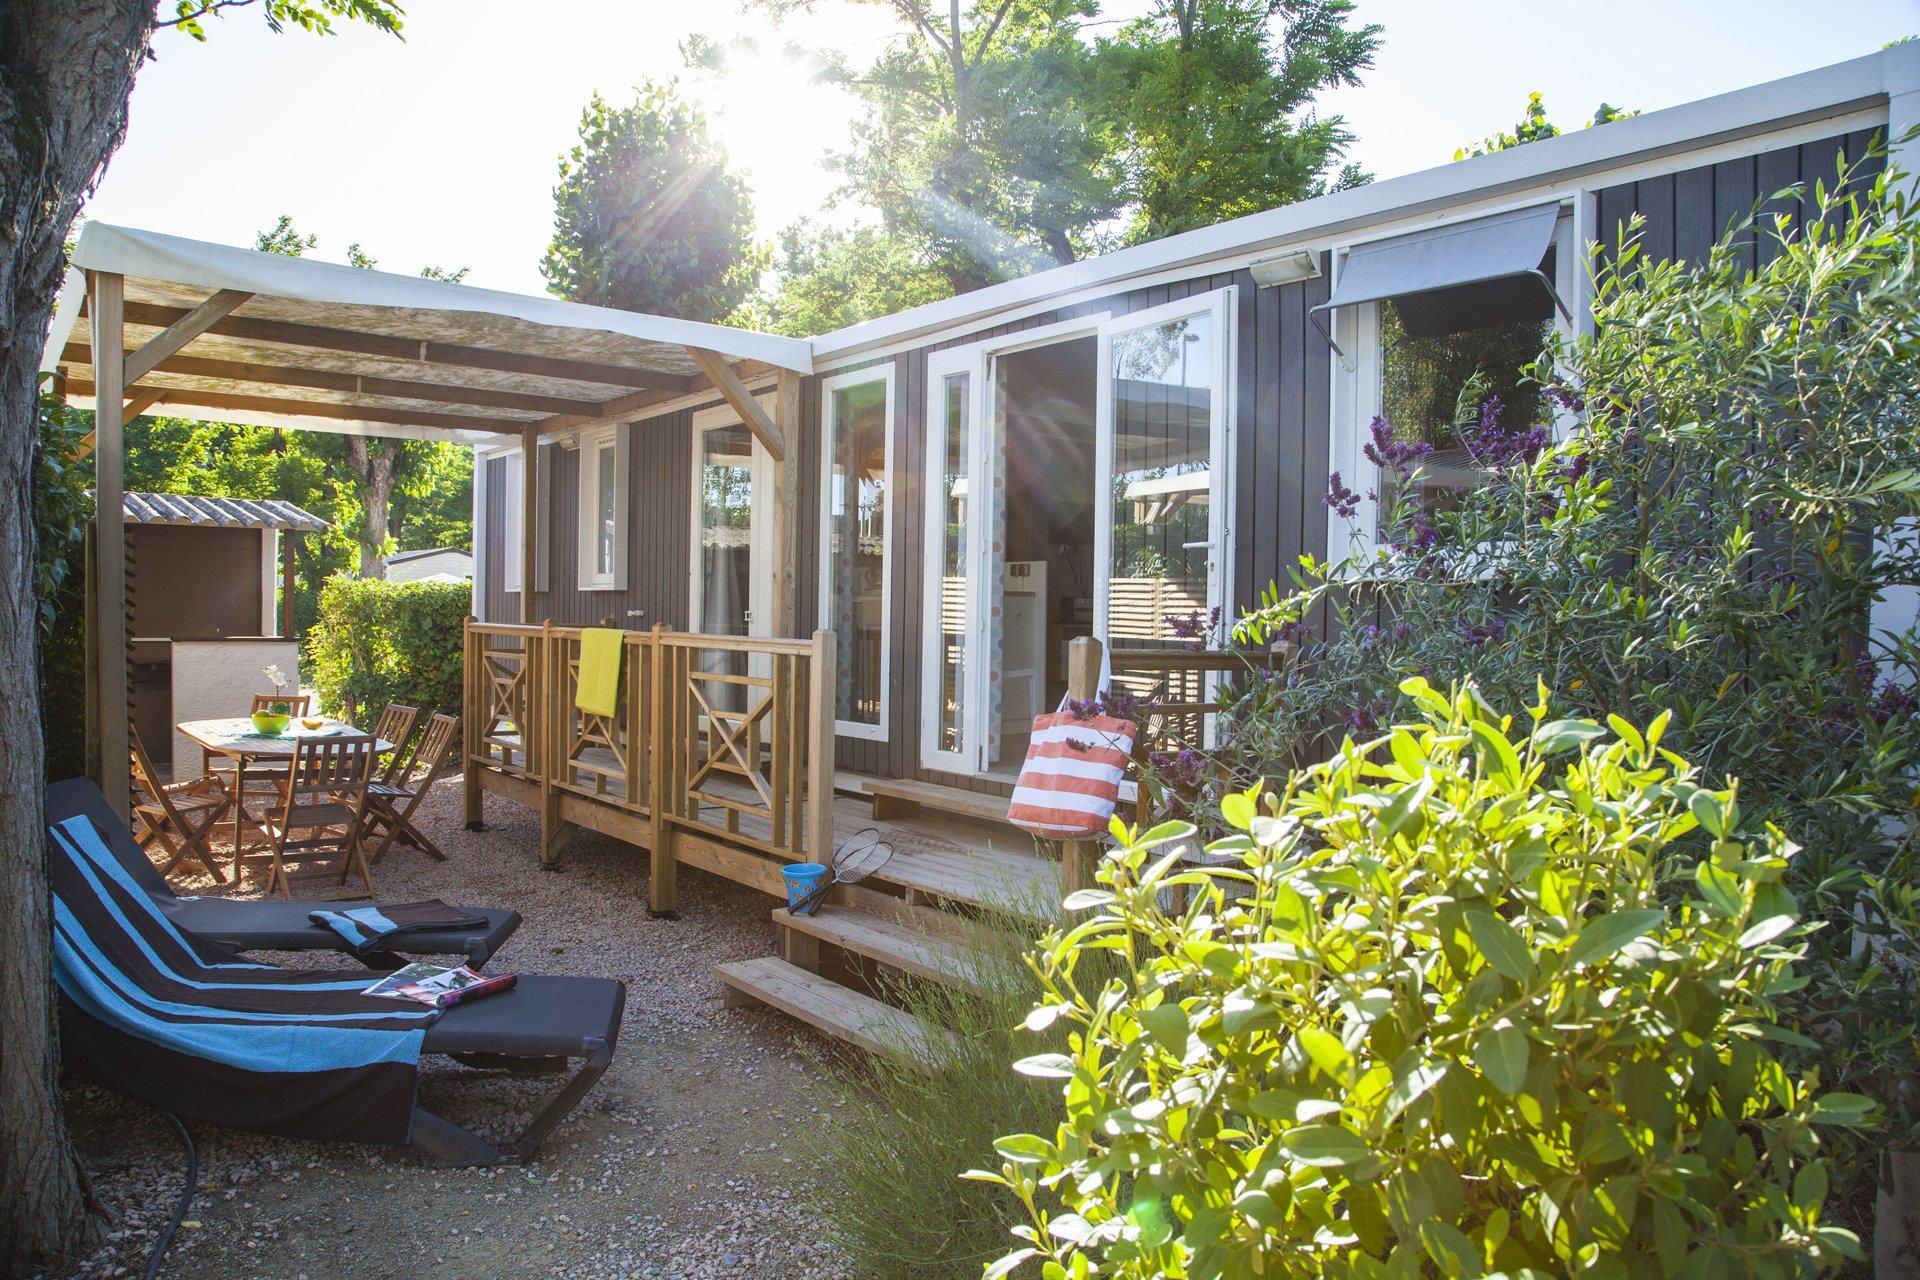 Location - Cottage Provencal 3 Chambres 2 Salles De Bain Climatisé Premium - Camping Sandaya Riviera d'Azur